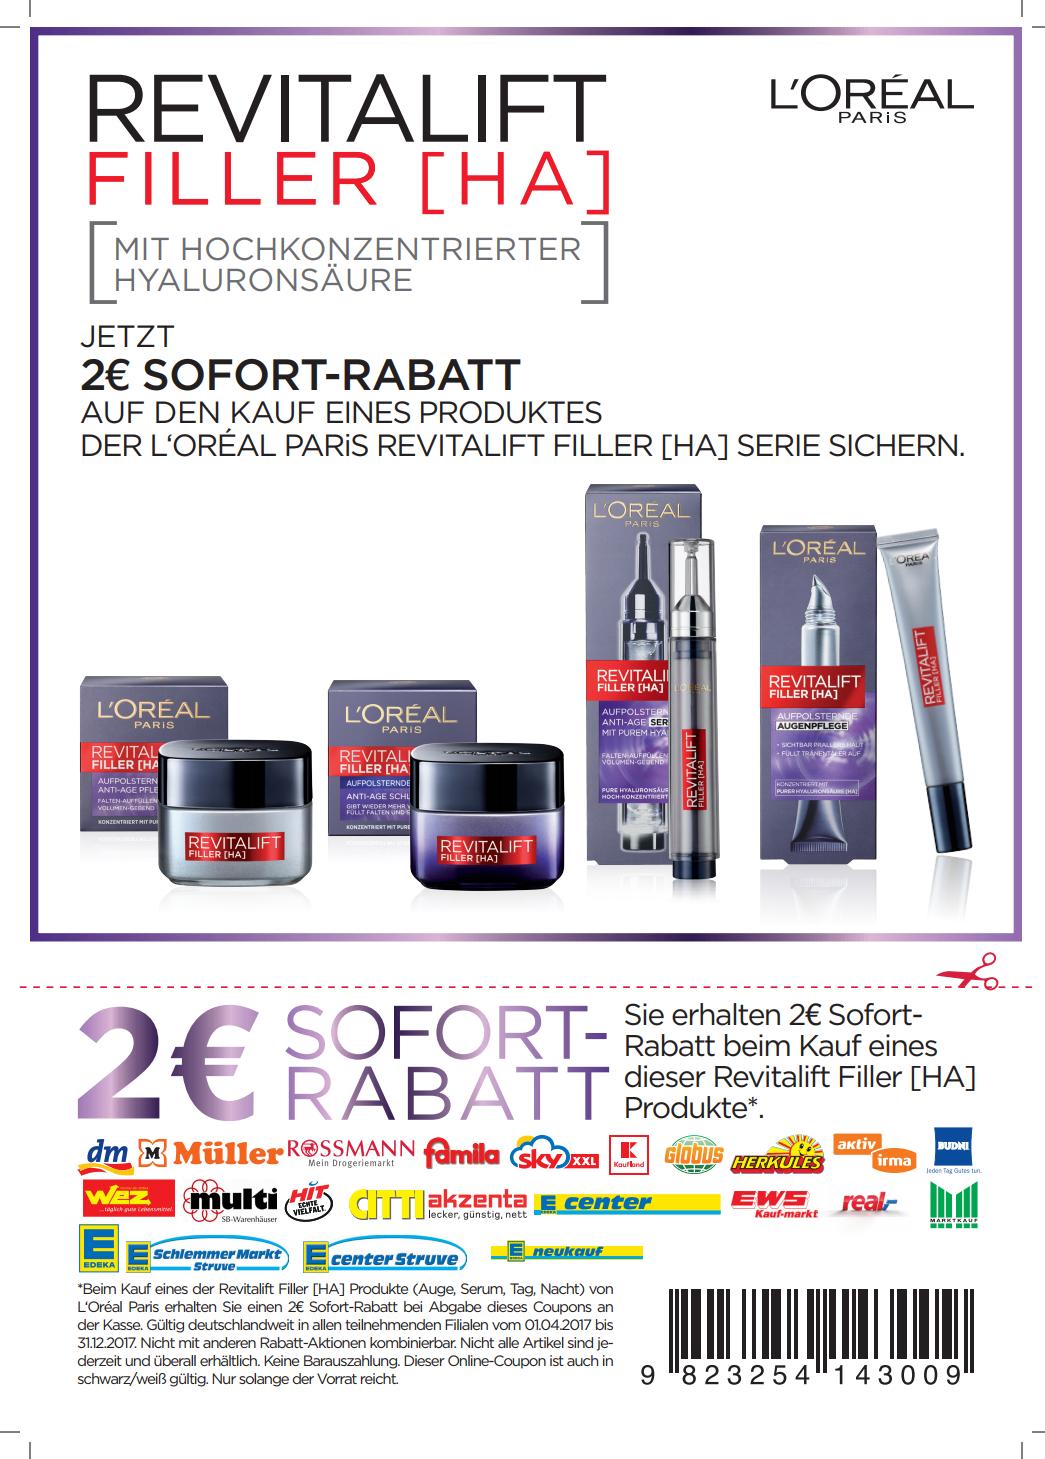 2,00€ Sofort-Rabatt-Coupon für L'Oréal Revitalift Filler [HA] in PDF zum Ausdrucken bis  31.12.2017 [bundesweit]